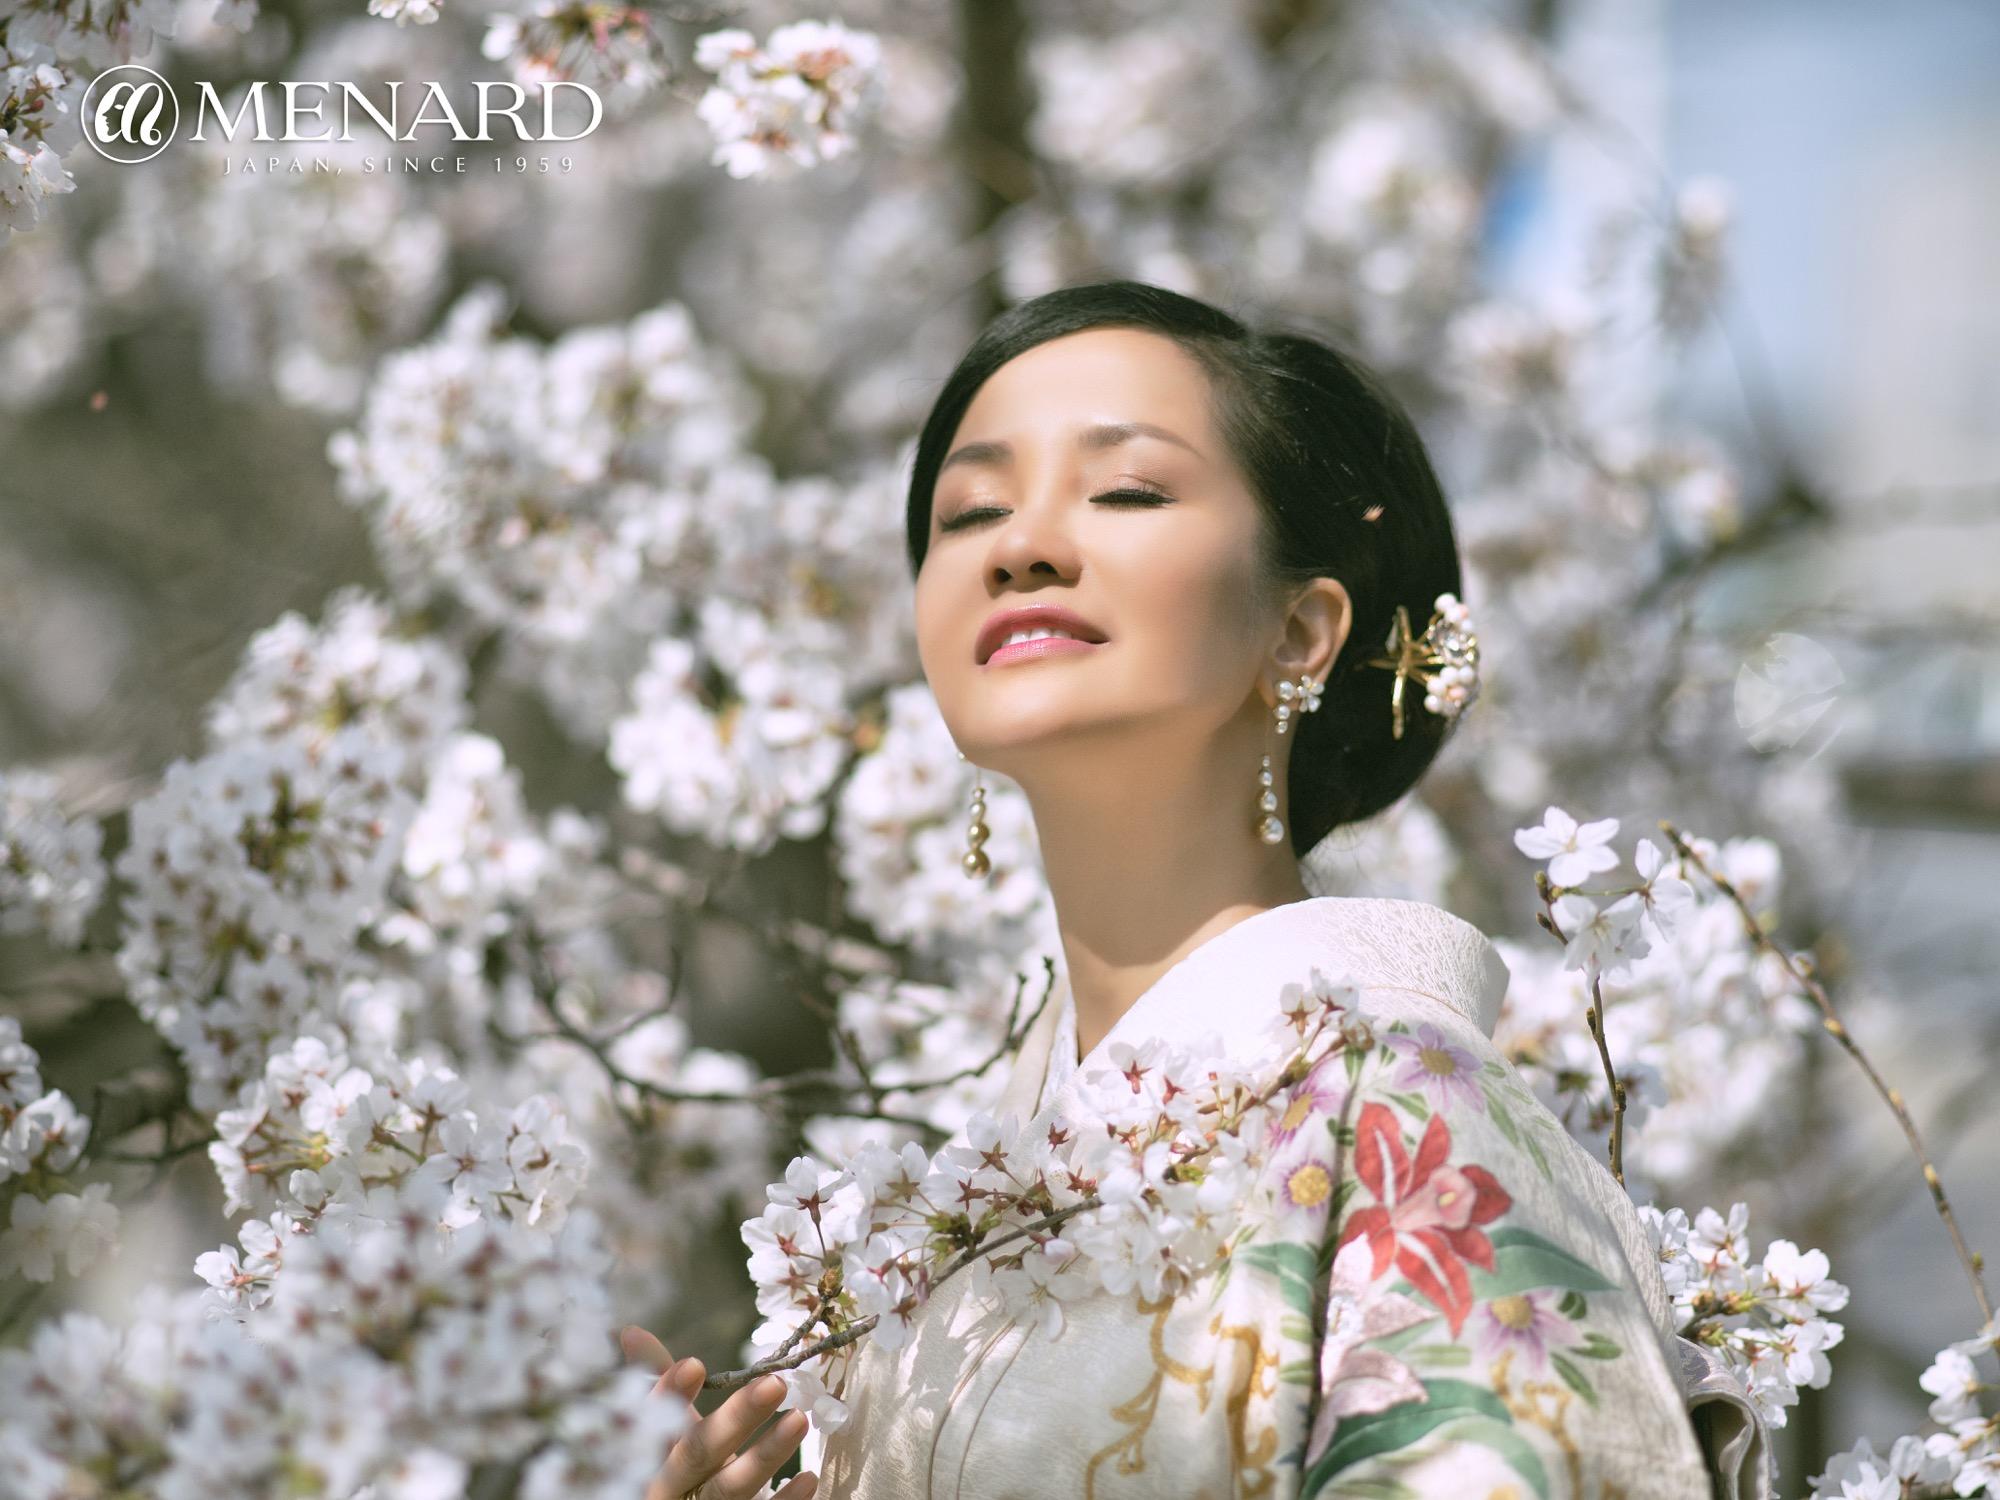 Ảnh 1 Vượt qua đại dịch từ triết lý sống đẹp của người Nhật